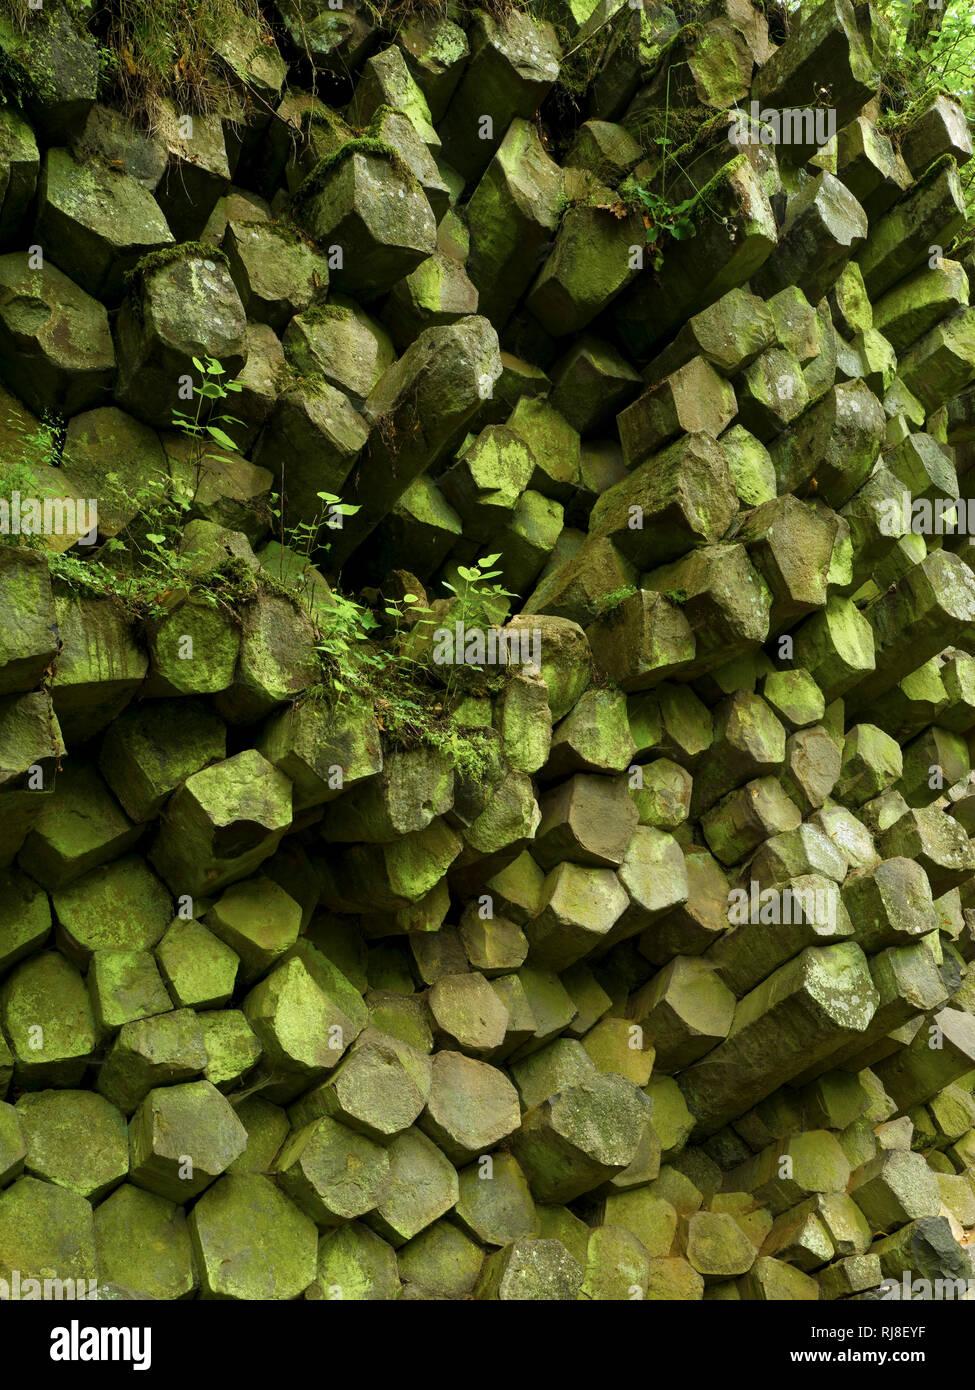 Deutschland, Bayern, Naturpark Bayrische Rhön, UNESCO-Biosphärenreservat, Basaltprismenwand am Gangolfsberg, Naturschutzgebiet Lange Rhön Stock Photo